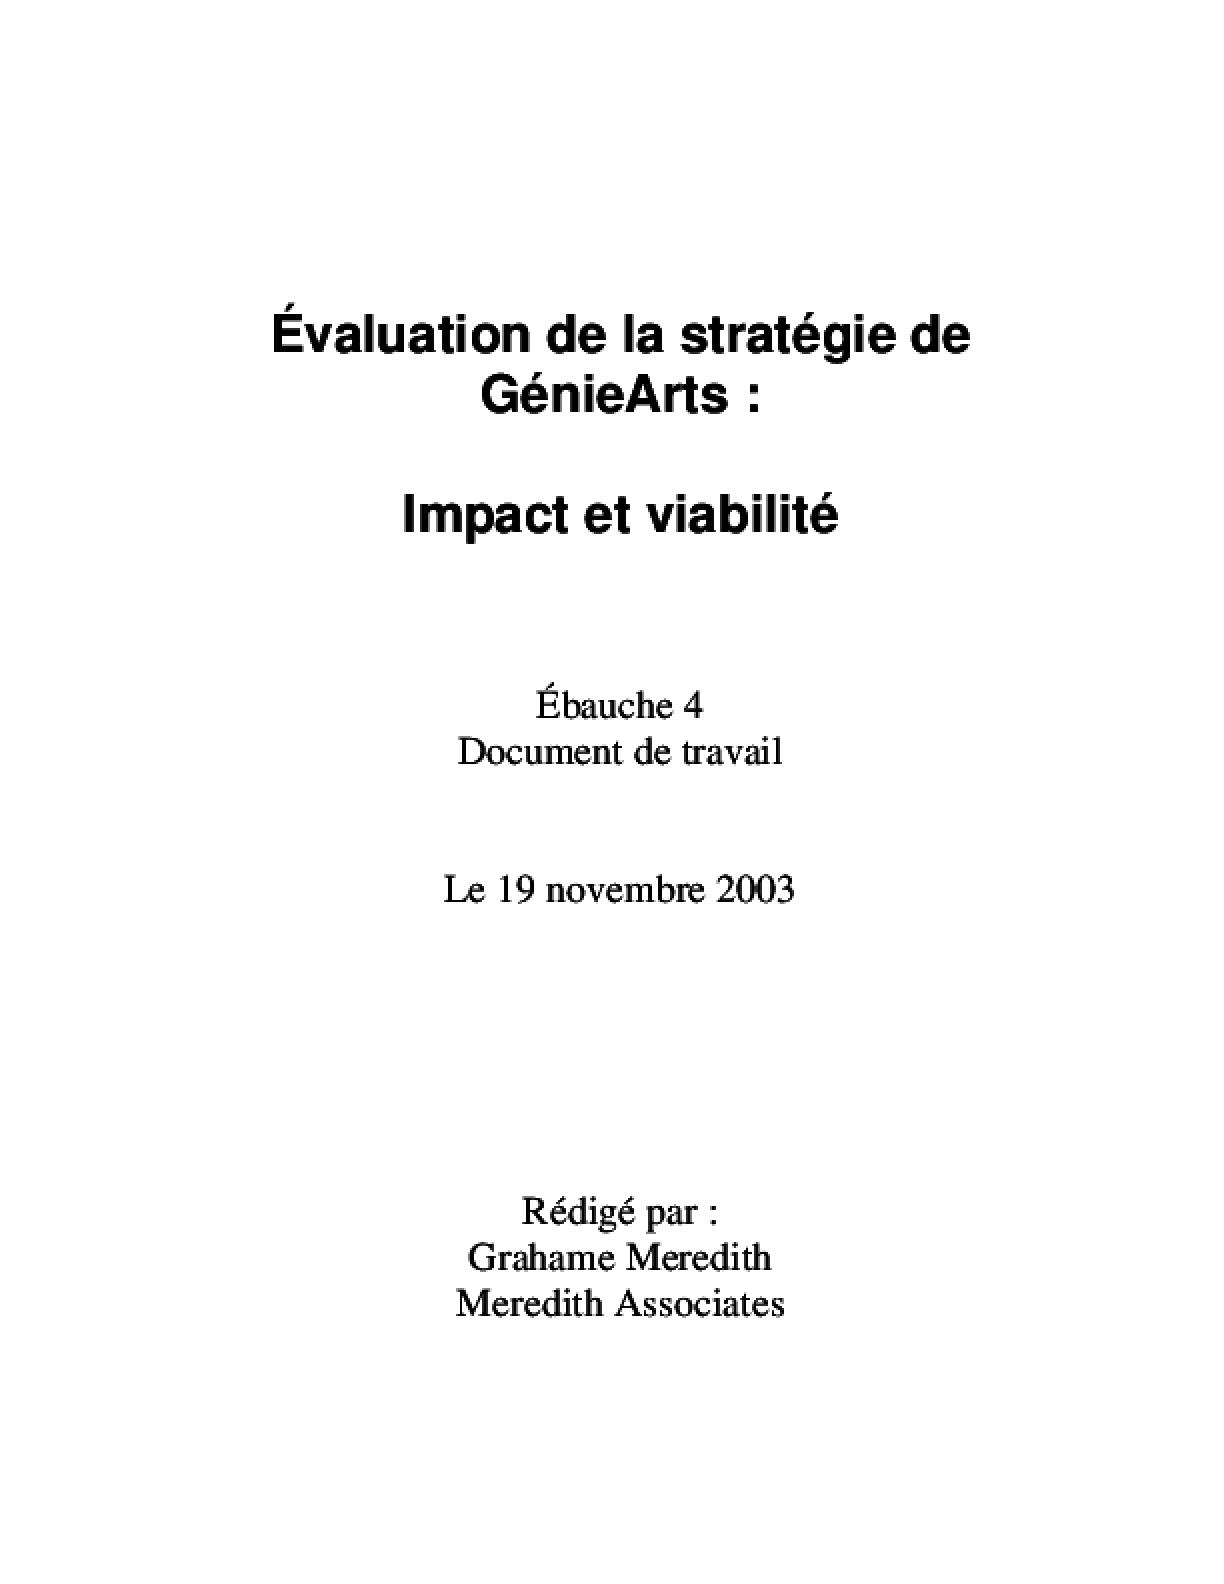 Evaluation de la strategie de GenieArts: Impact et viabilite